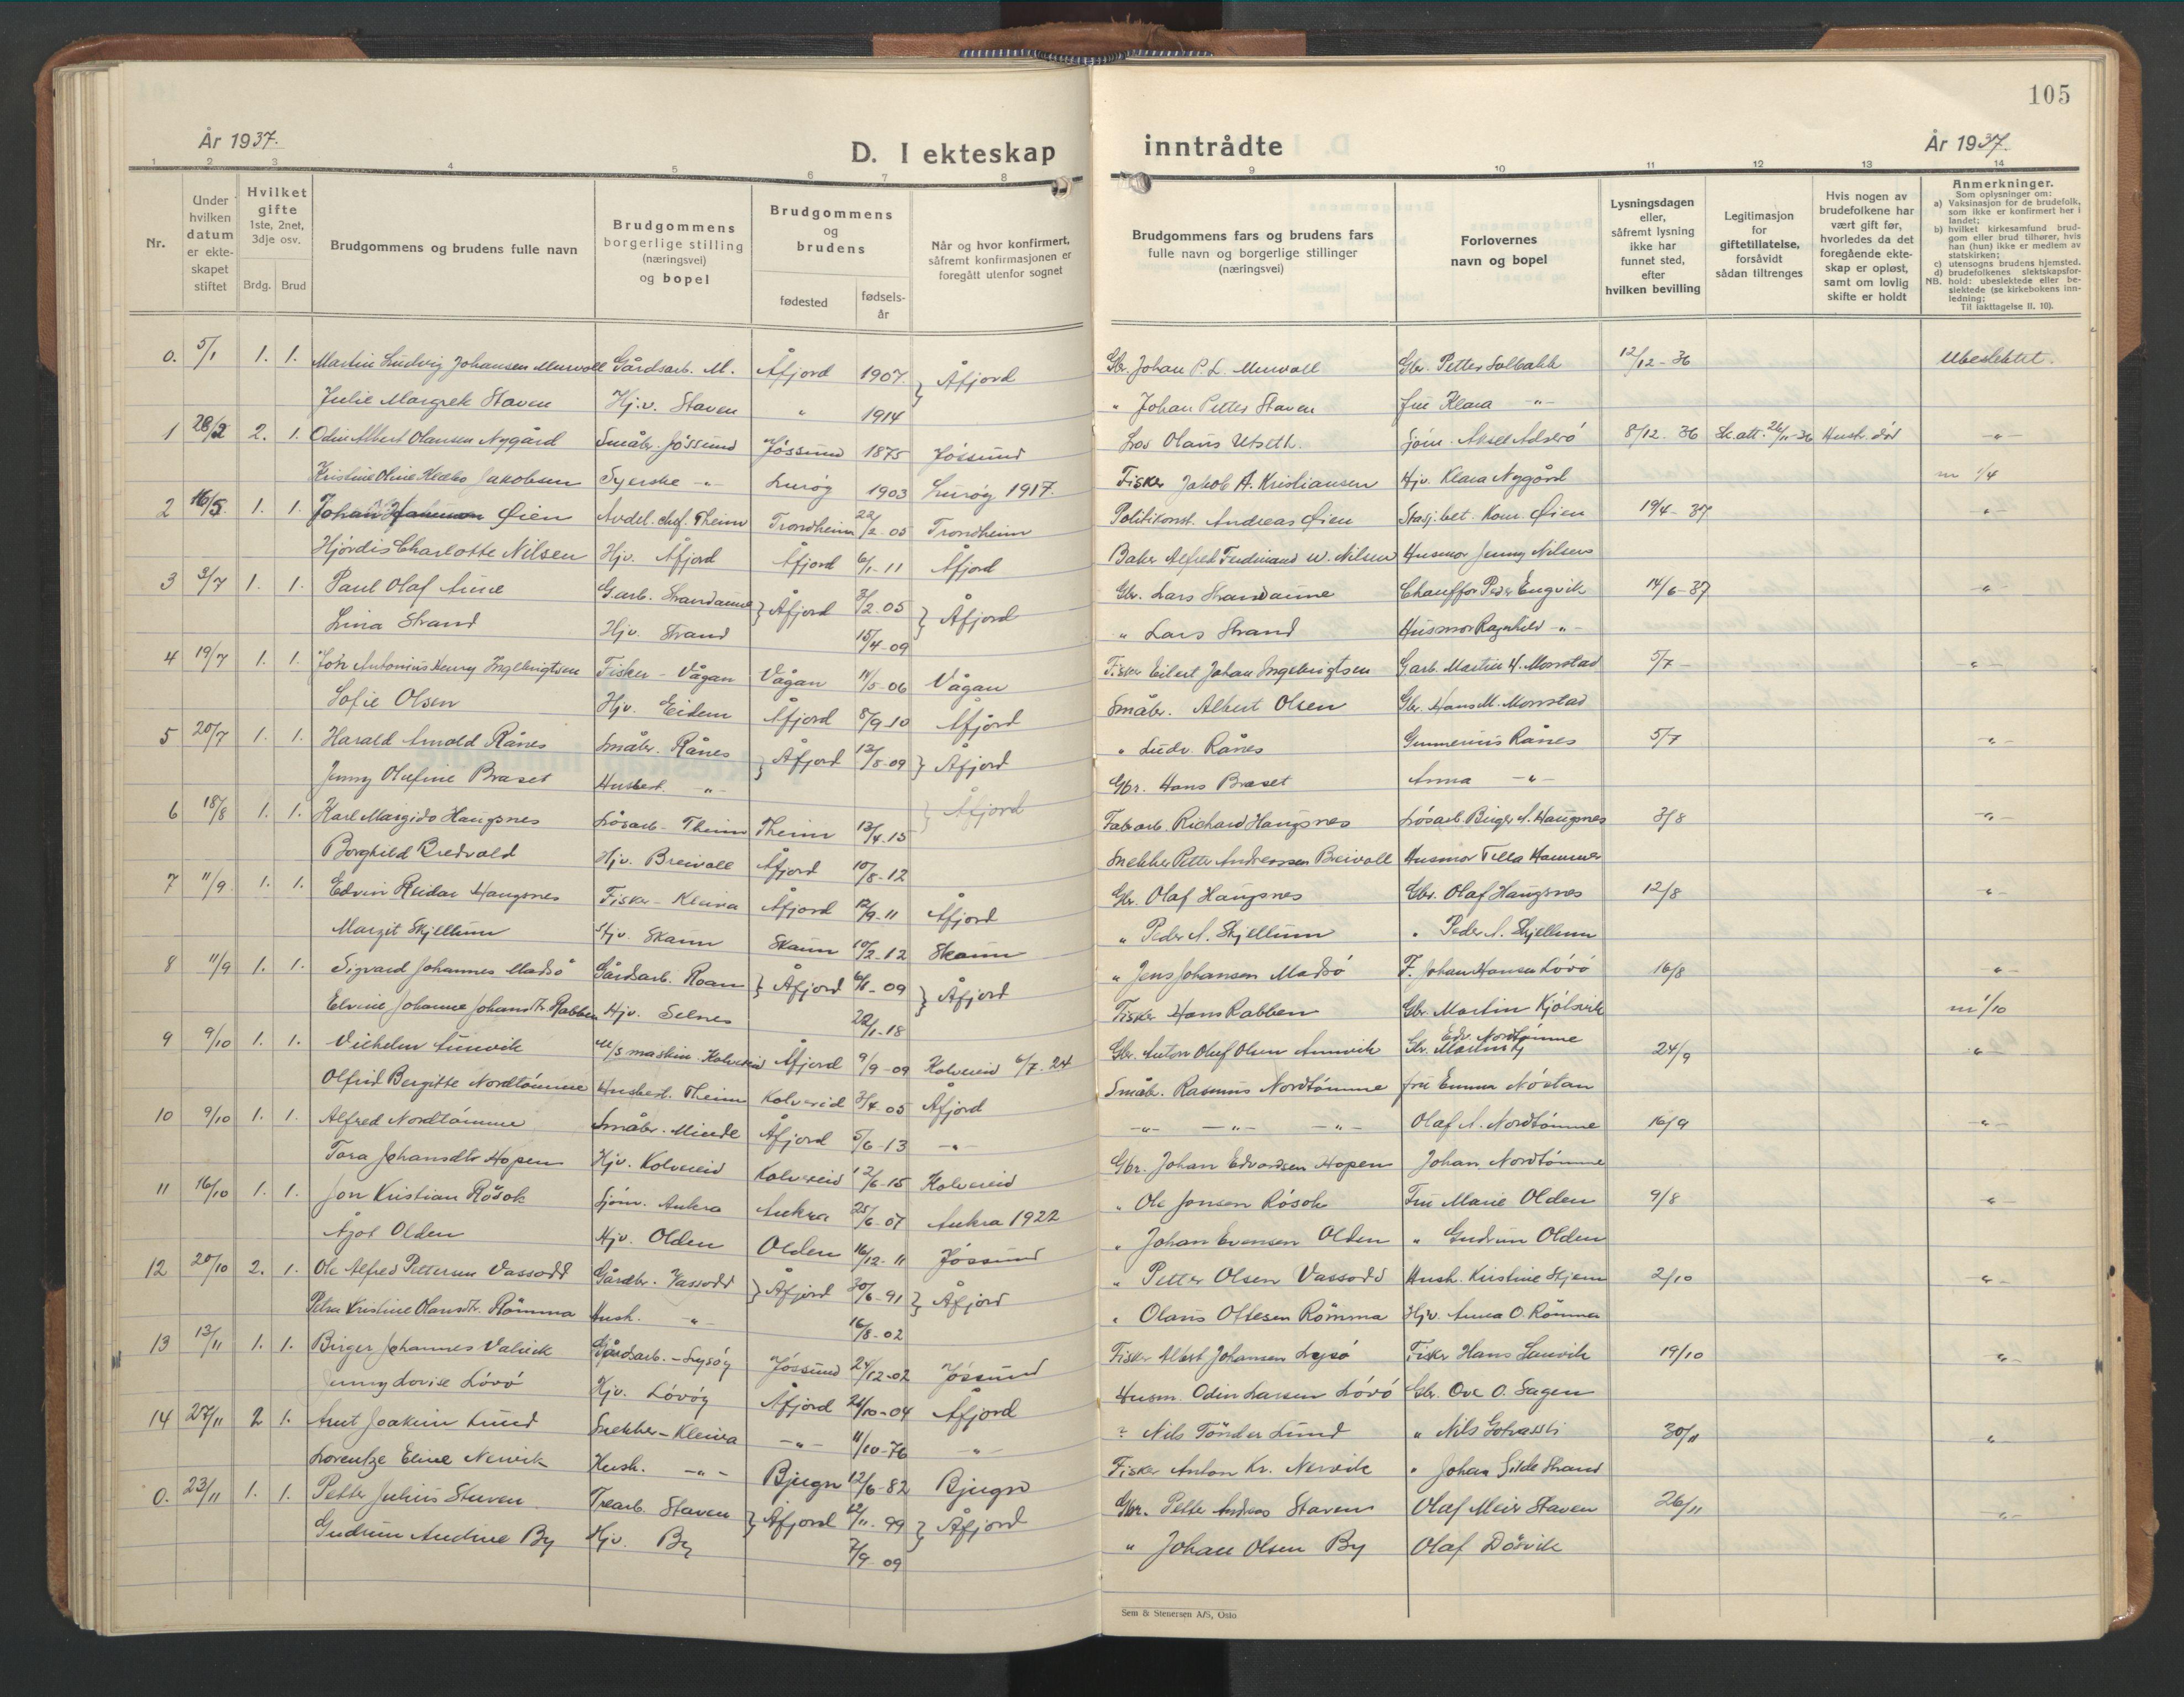 SAT, Ministerialprotokoller, klokkerbøker og fødselsregistre - Sør-Trøndelag, 655/L0690: Klokkerbok nr. 655C06, 1937-1950, s. 105